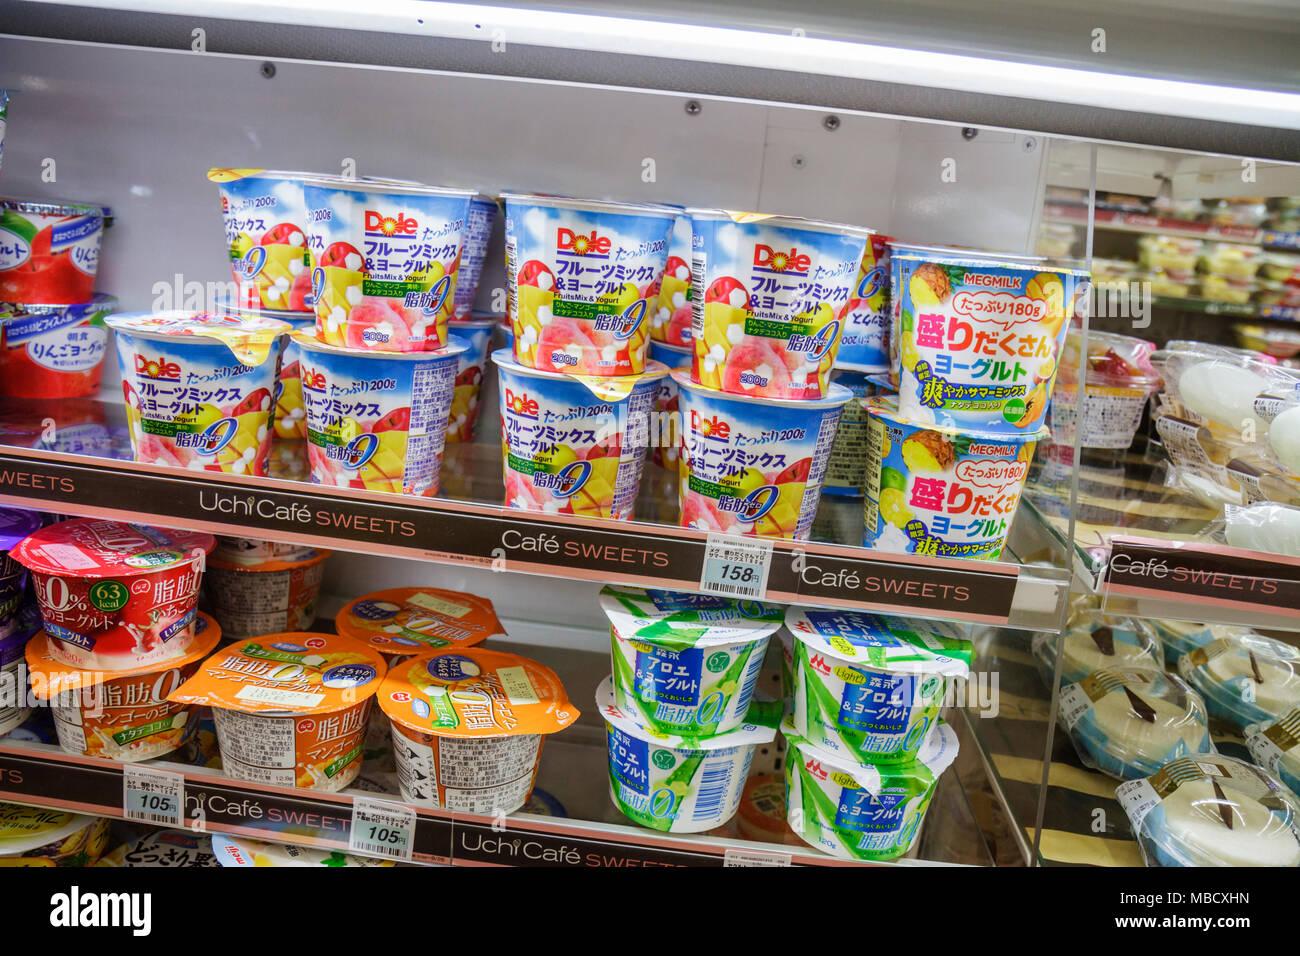 Tokyo Japan Shinjuku kanji hiragana katakana characters symbols Japanese English Lawson Convenience Store business shopping reta - Stock Image